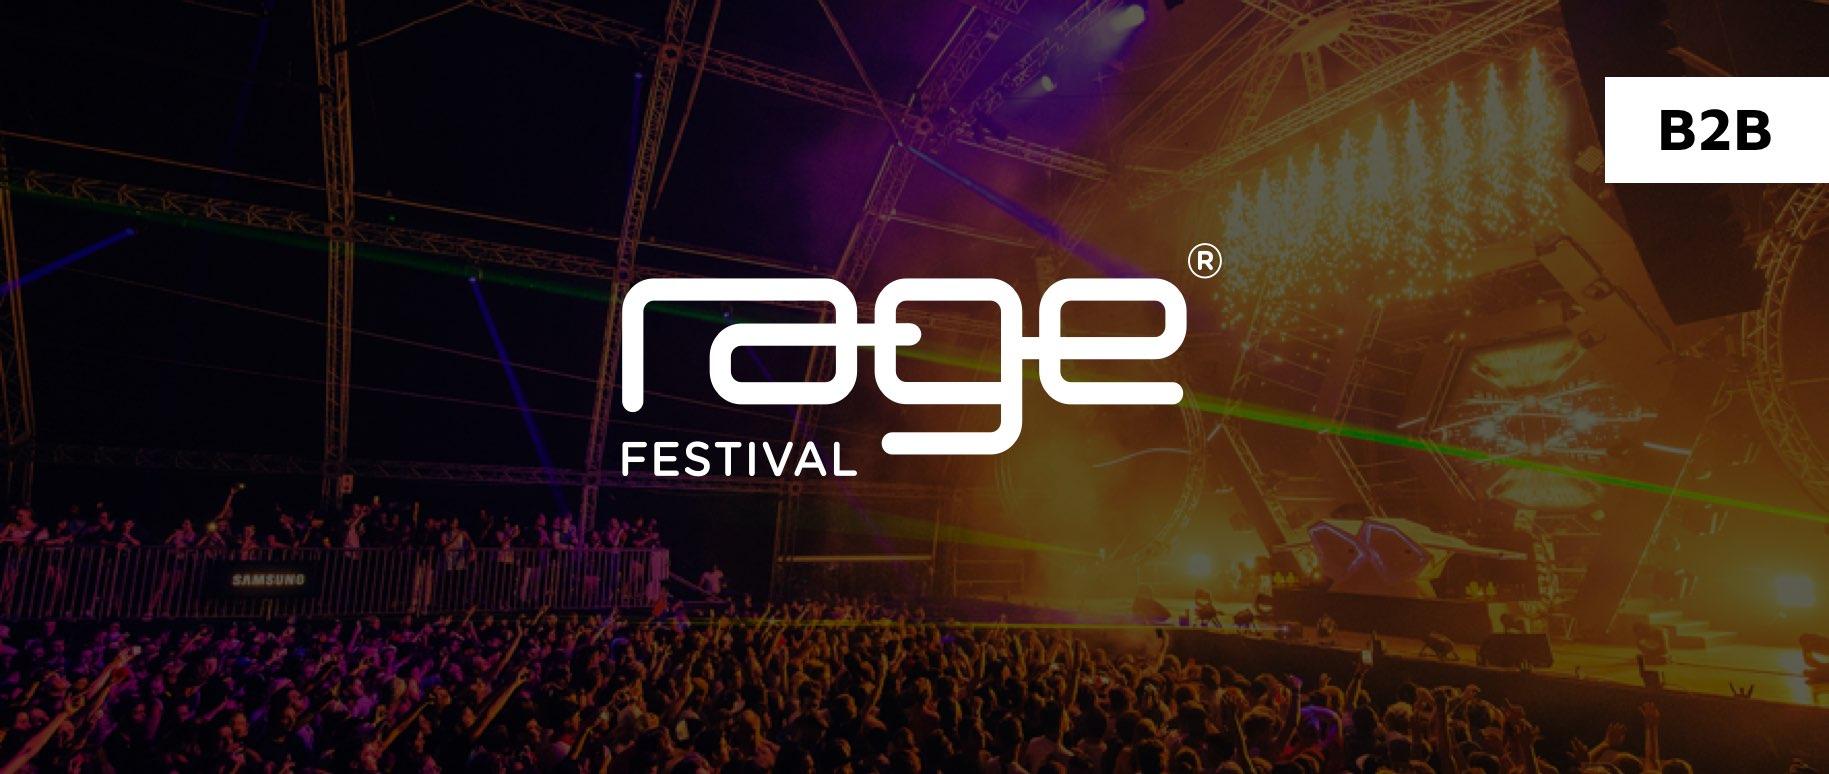 Rage B2B